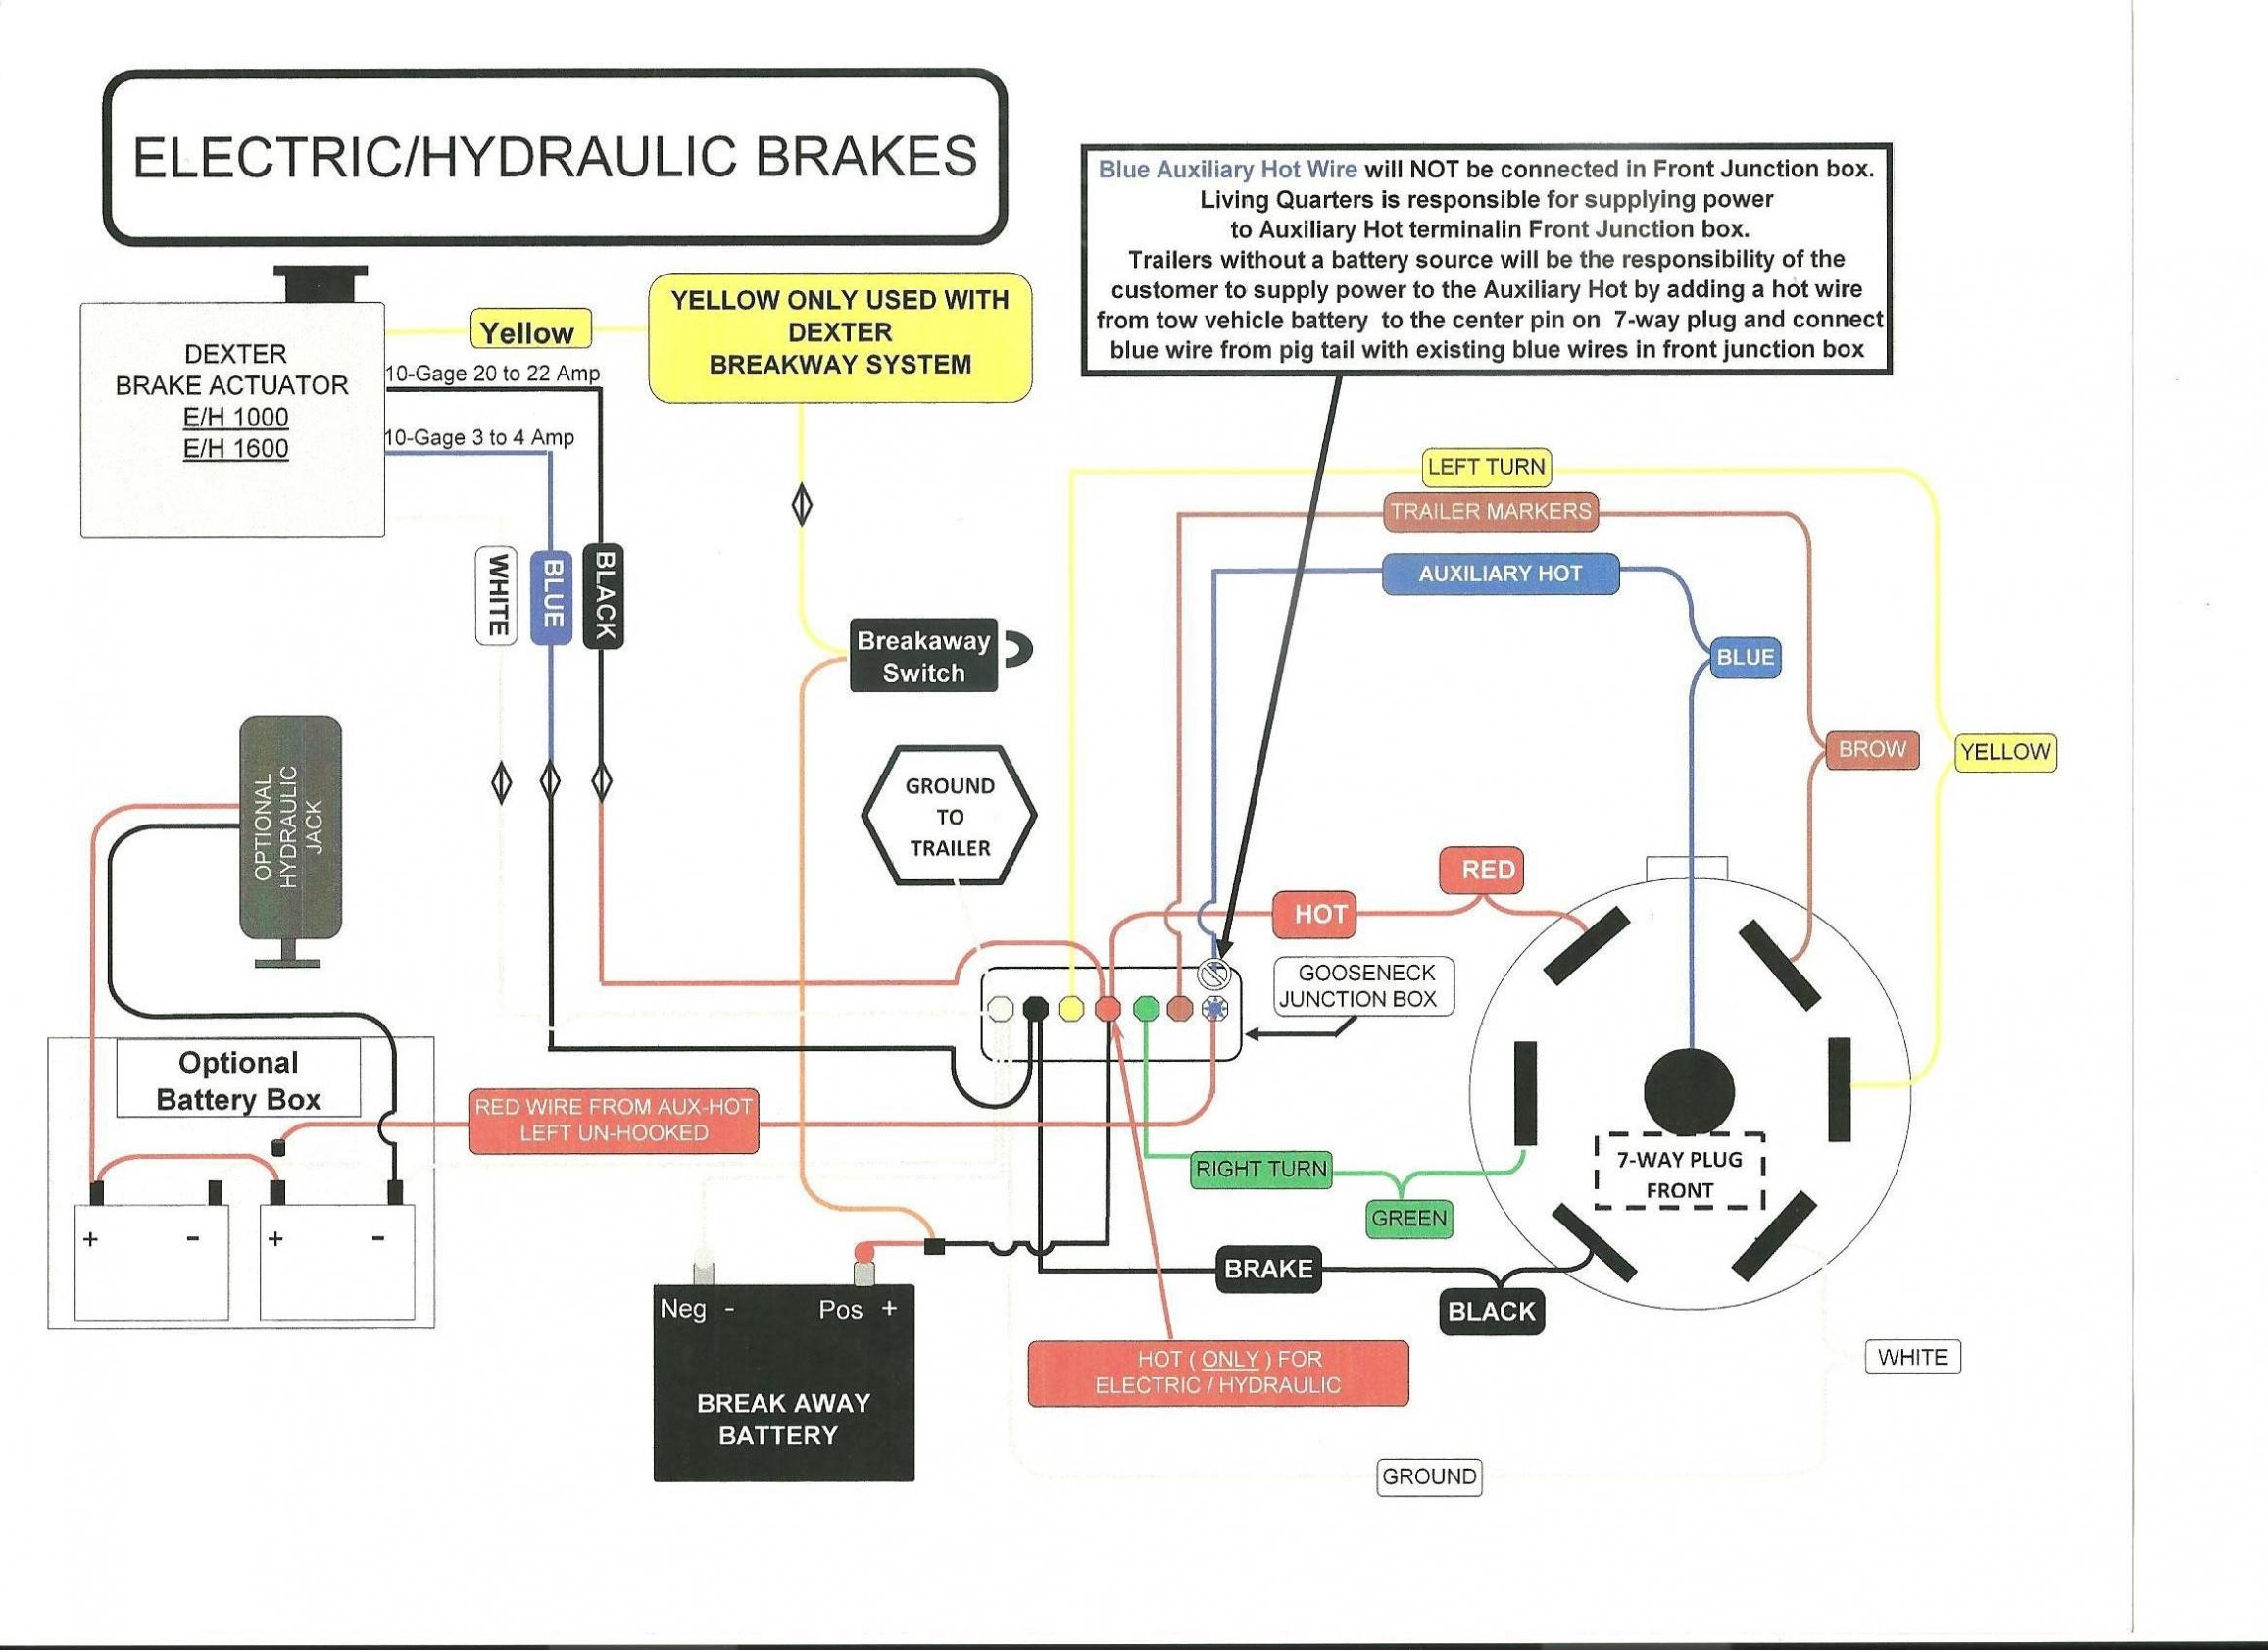 7 Prong Trailer Plug Diagram — Daytonva150 - 4 Way Trailer Plug Wiring Diagram